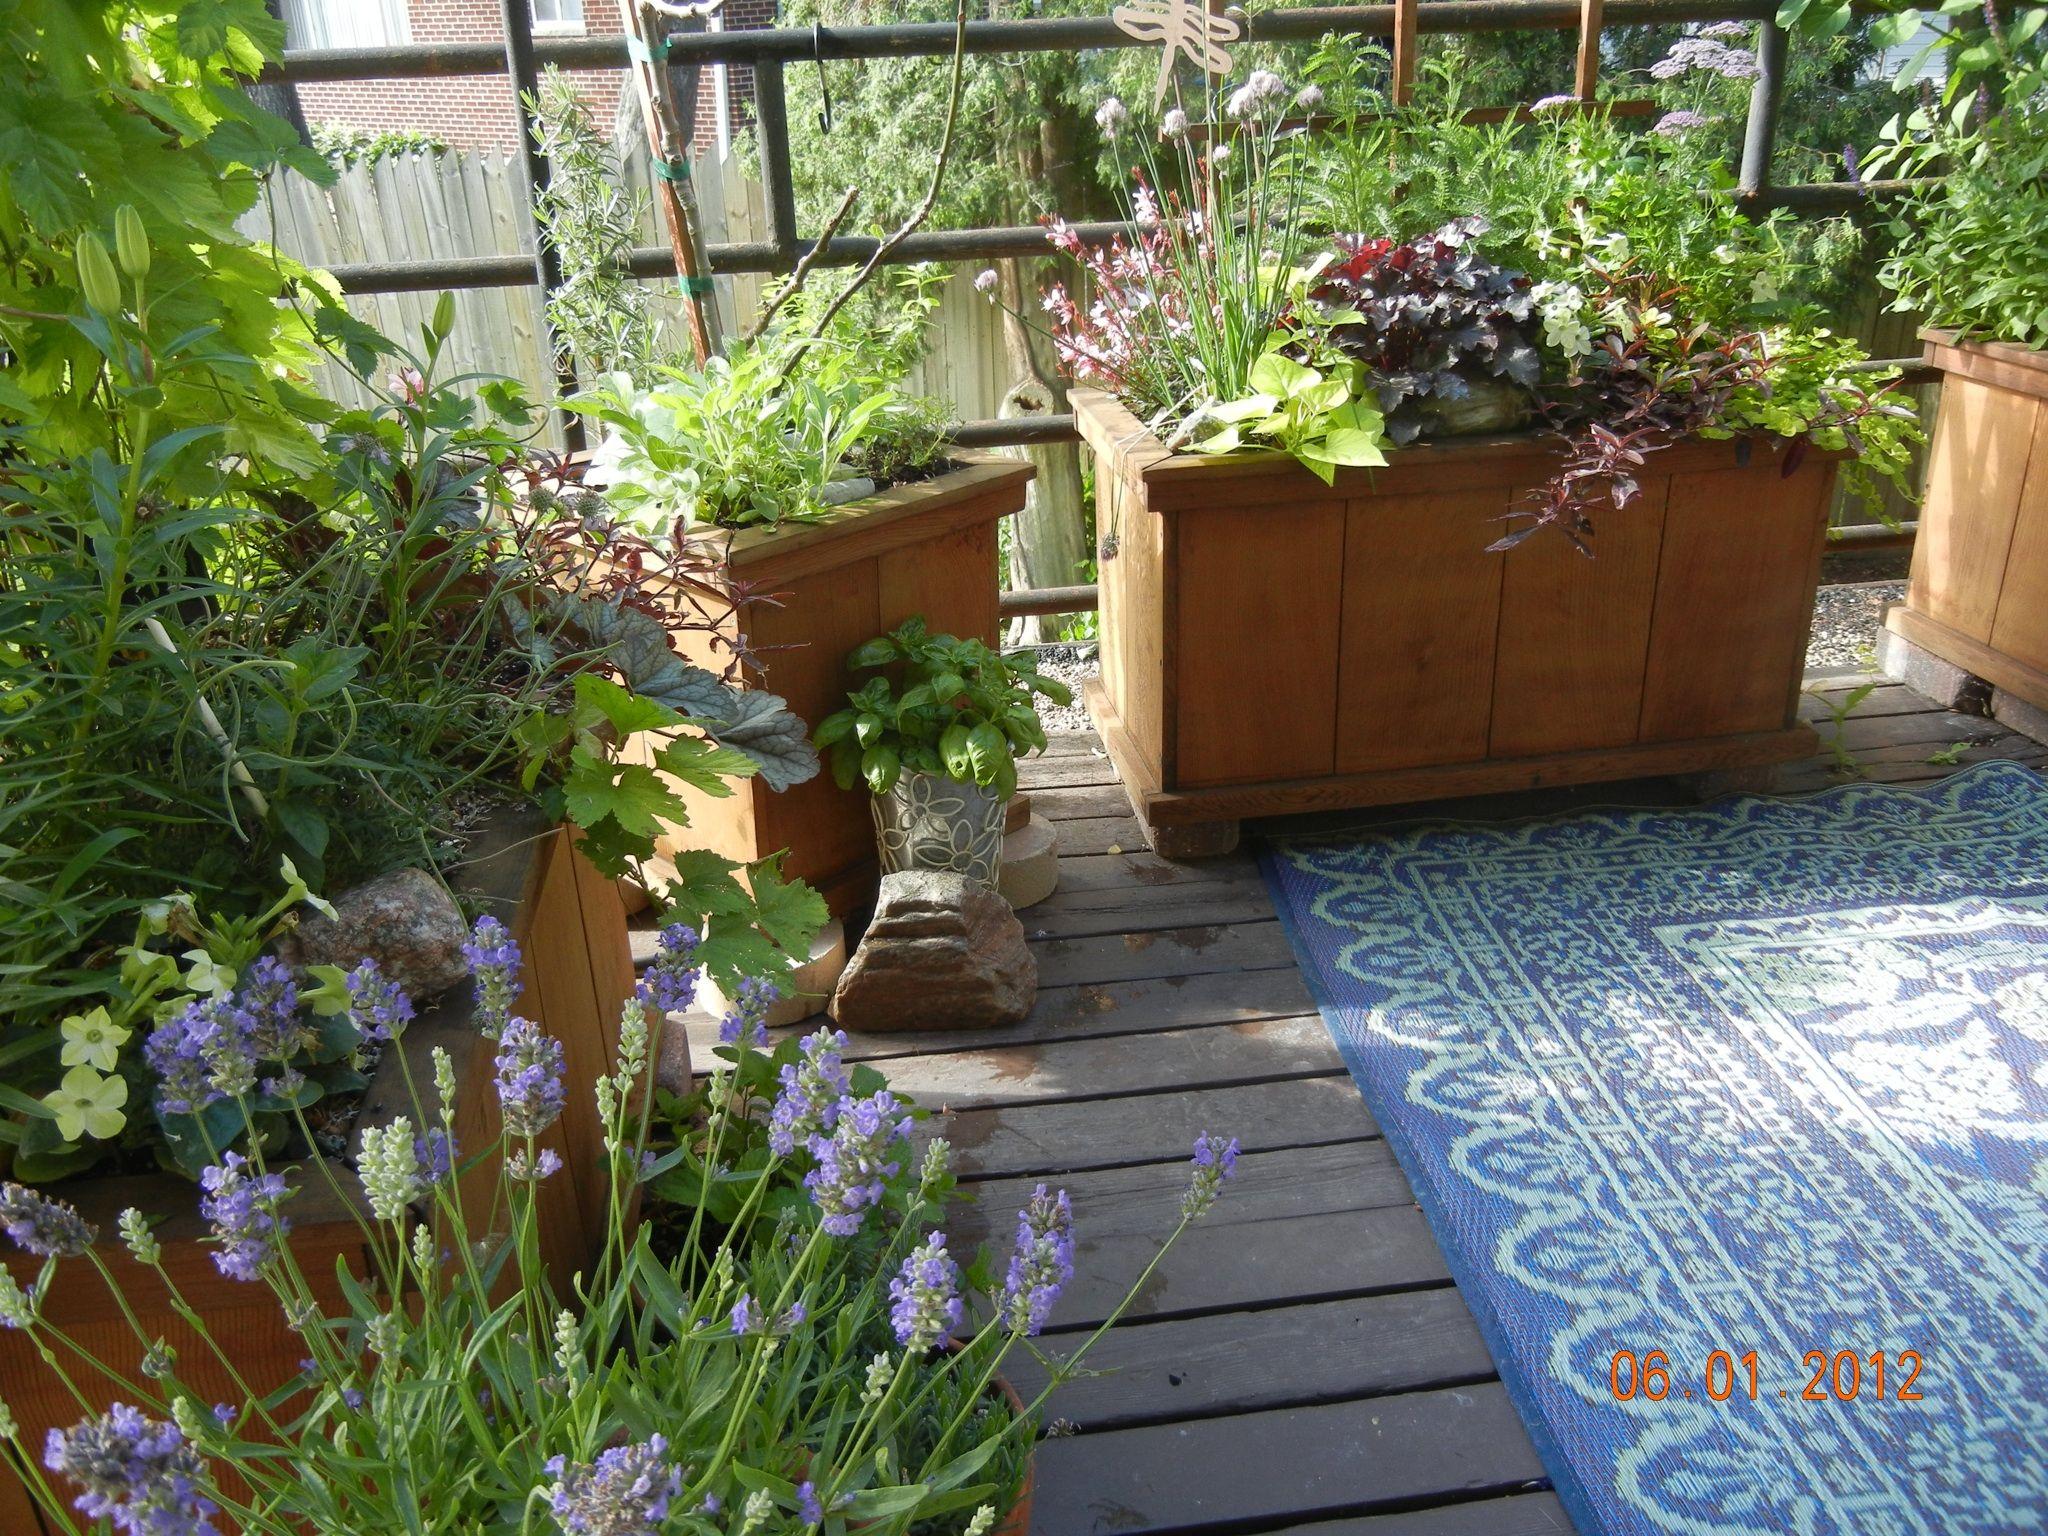 Balcony Garden Apartment Vegetable Garden City Garden 640 x 480